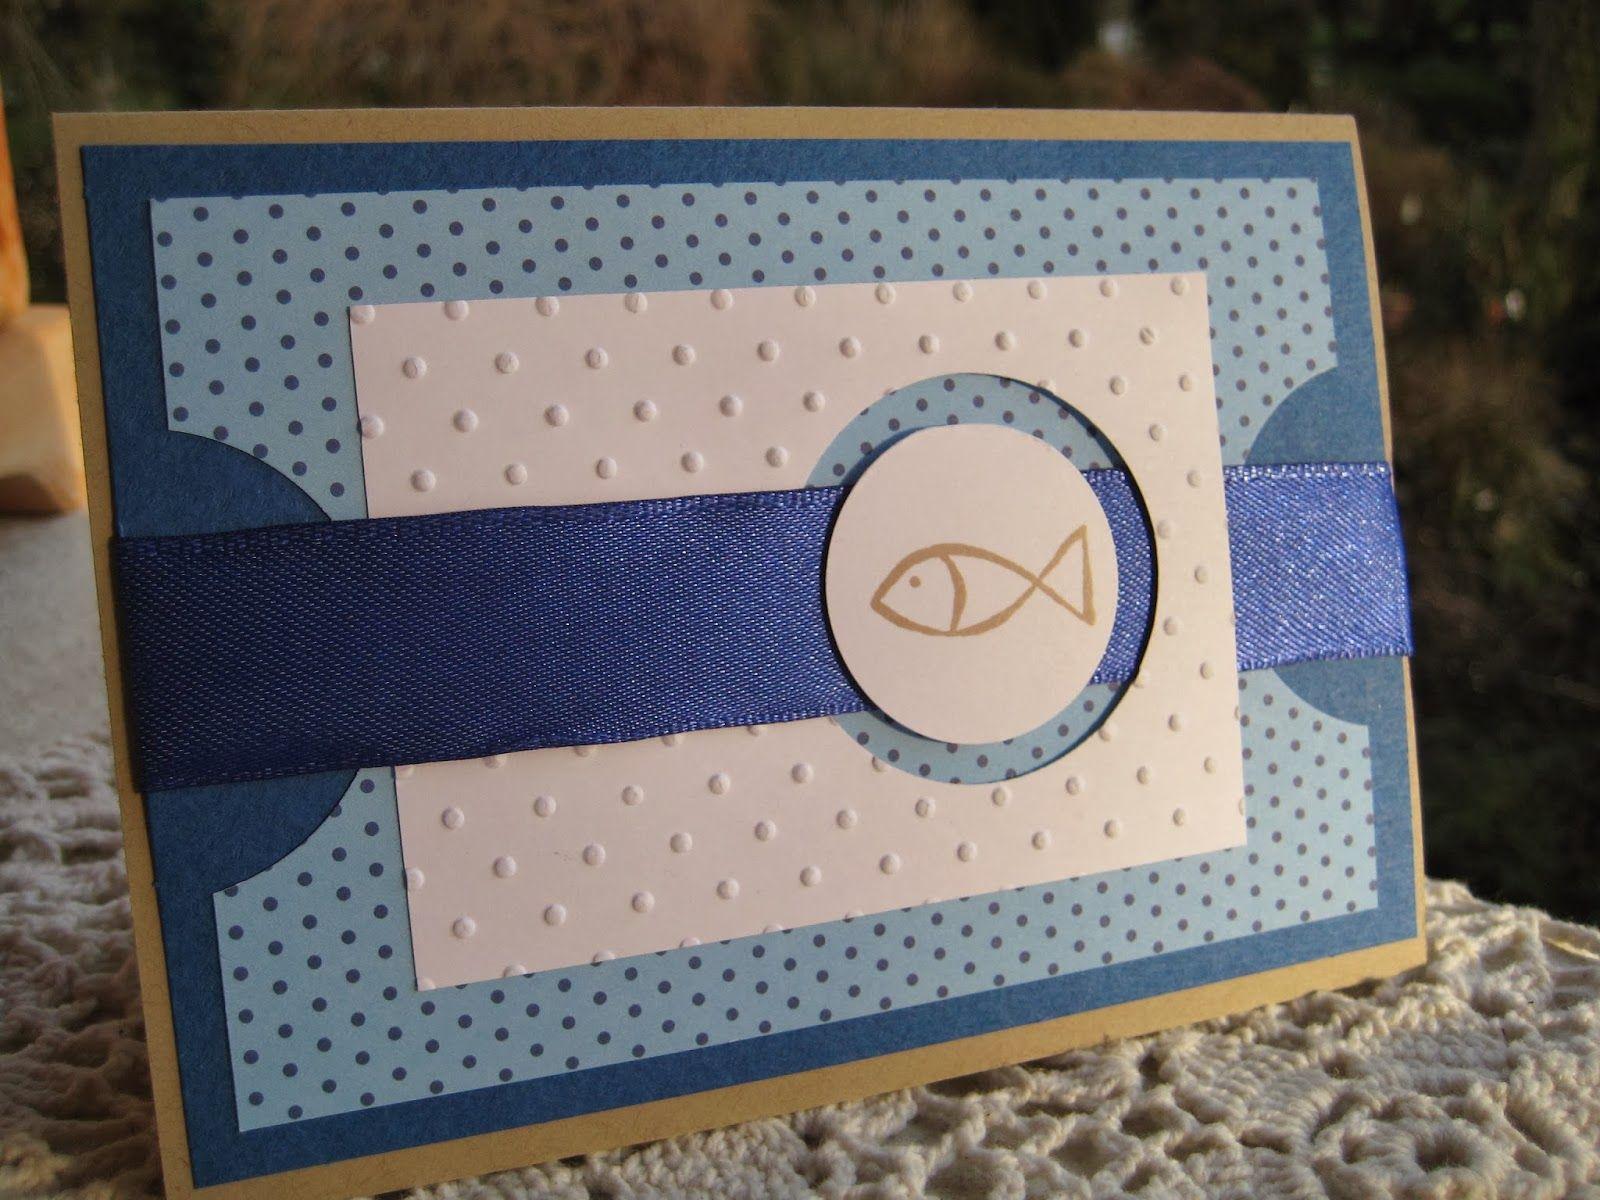 karoskreativkram.blogspot.de Einladungskarte mit Fisch Konfirmation / Kommunion / Firmung Verabschiedung BU